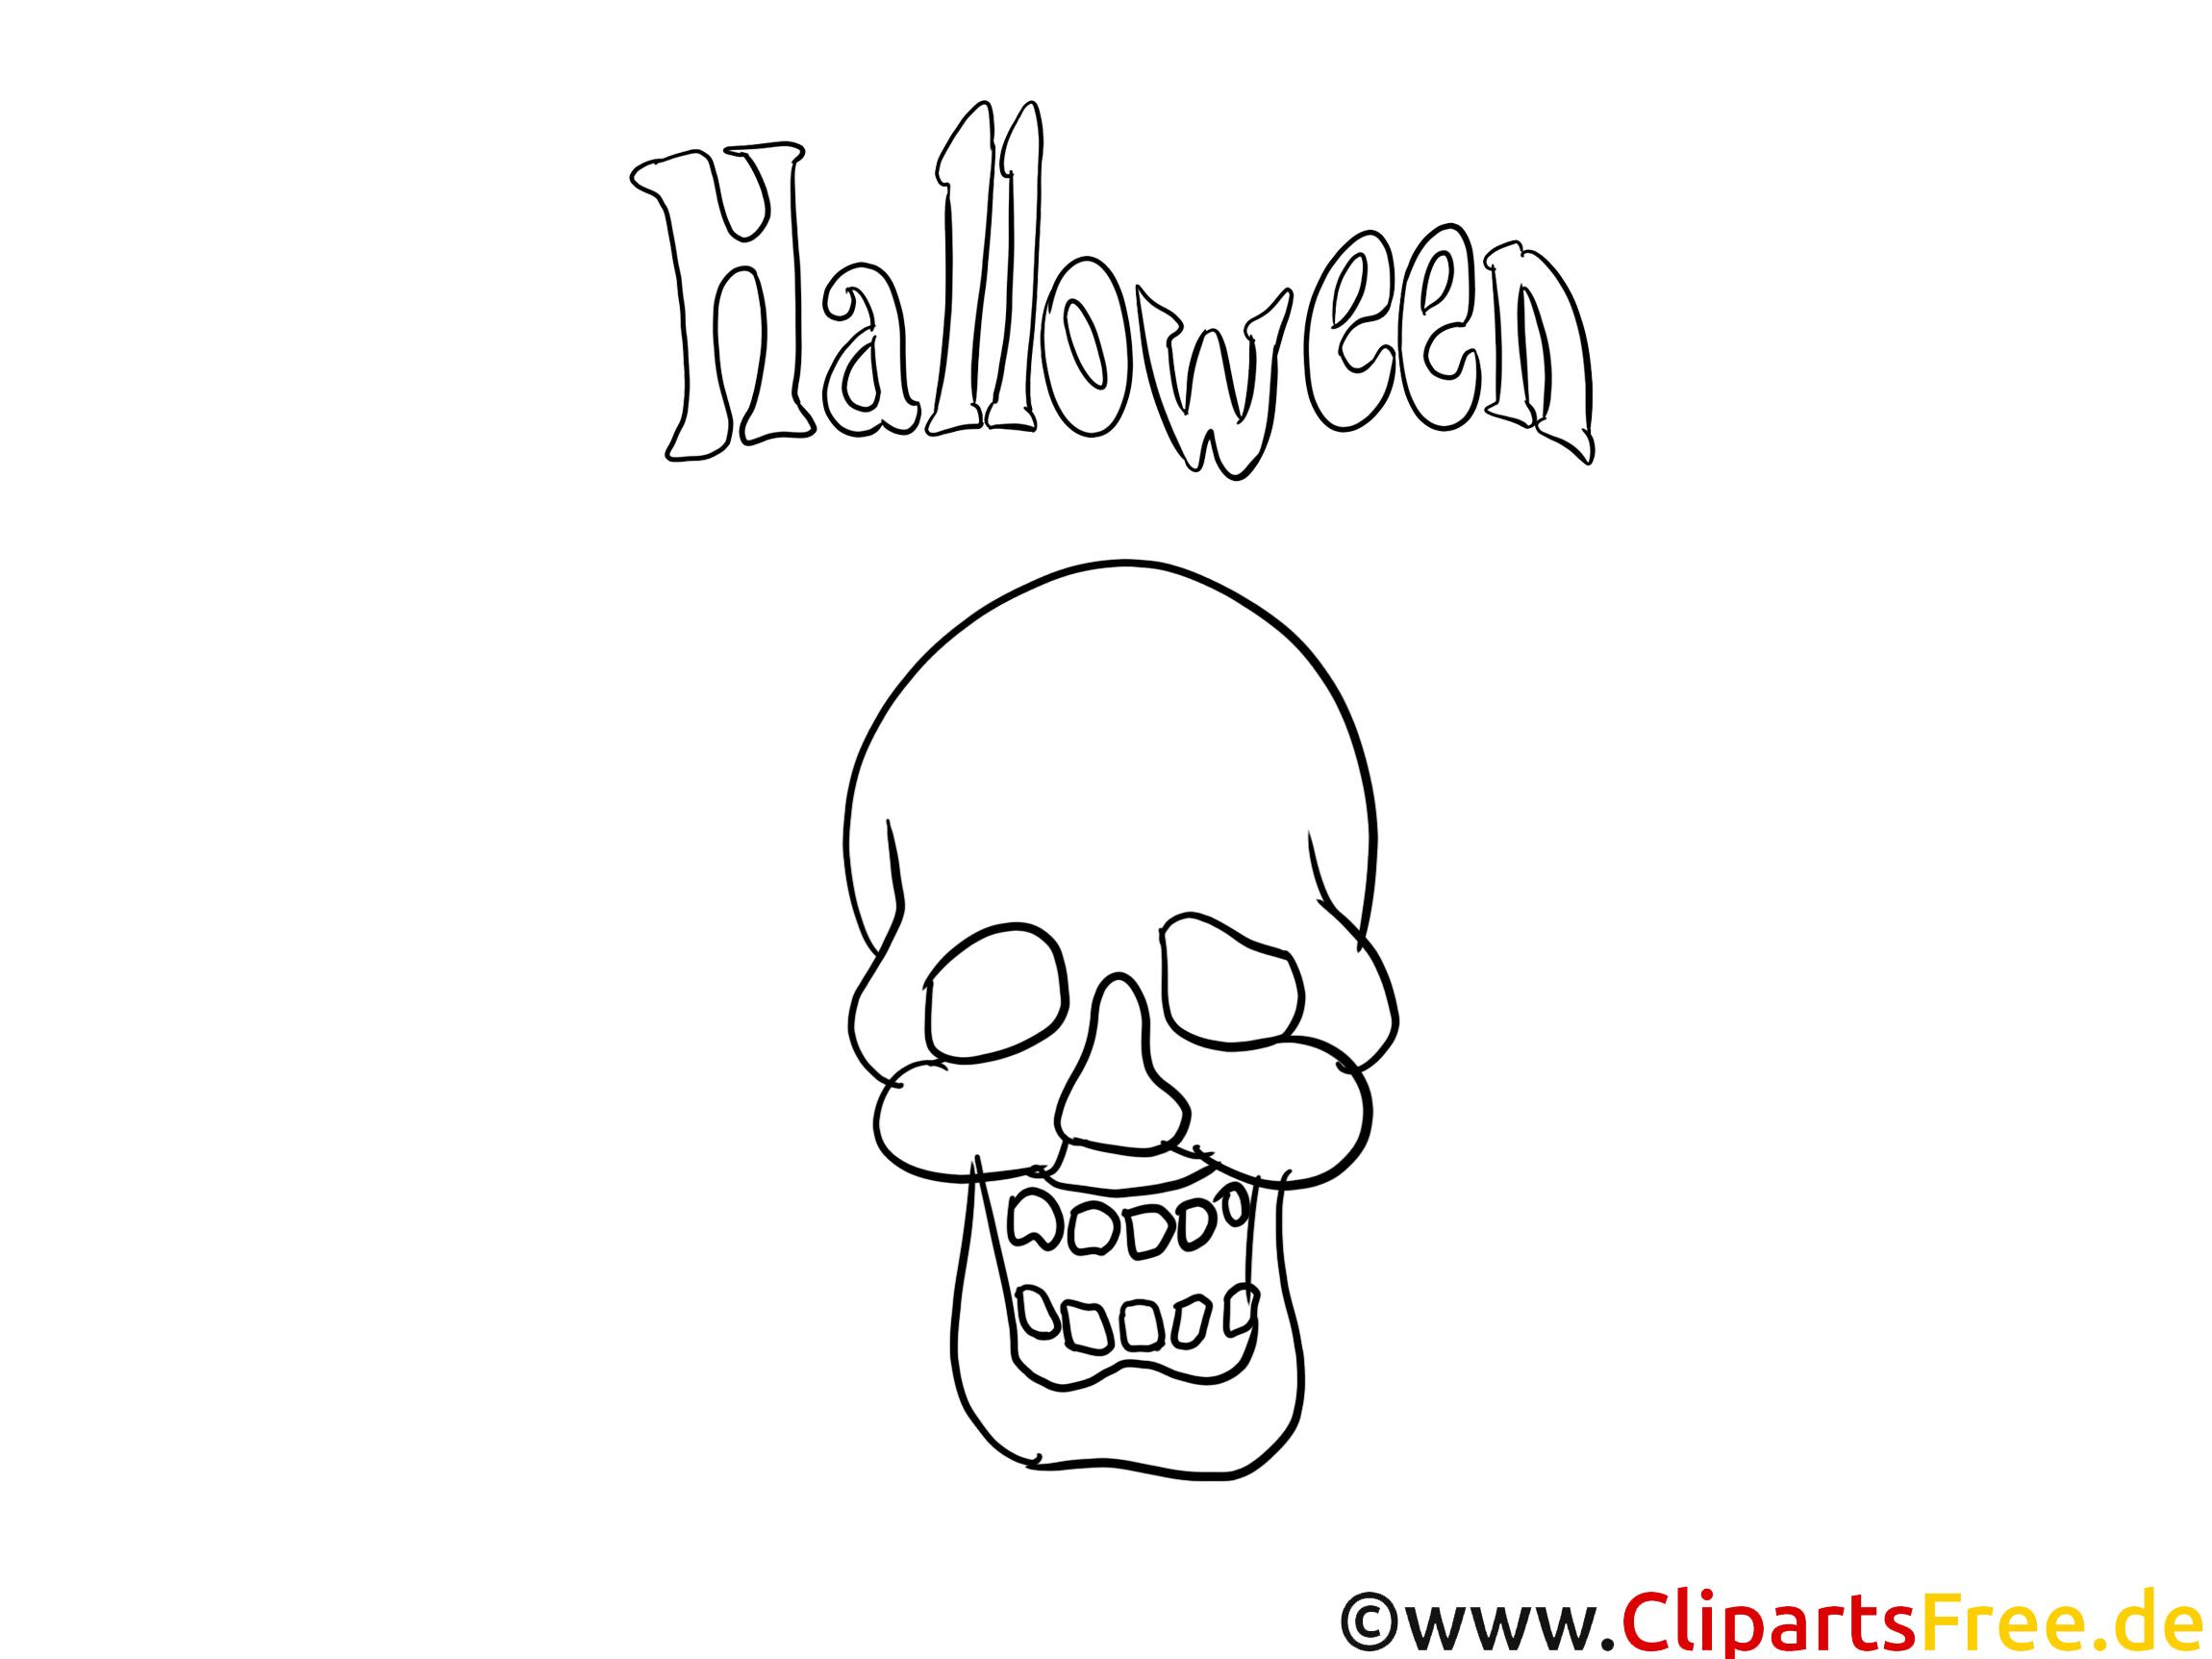 Halloween Zeichnung zum Malen